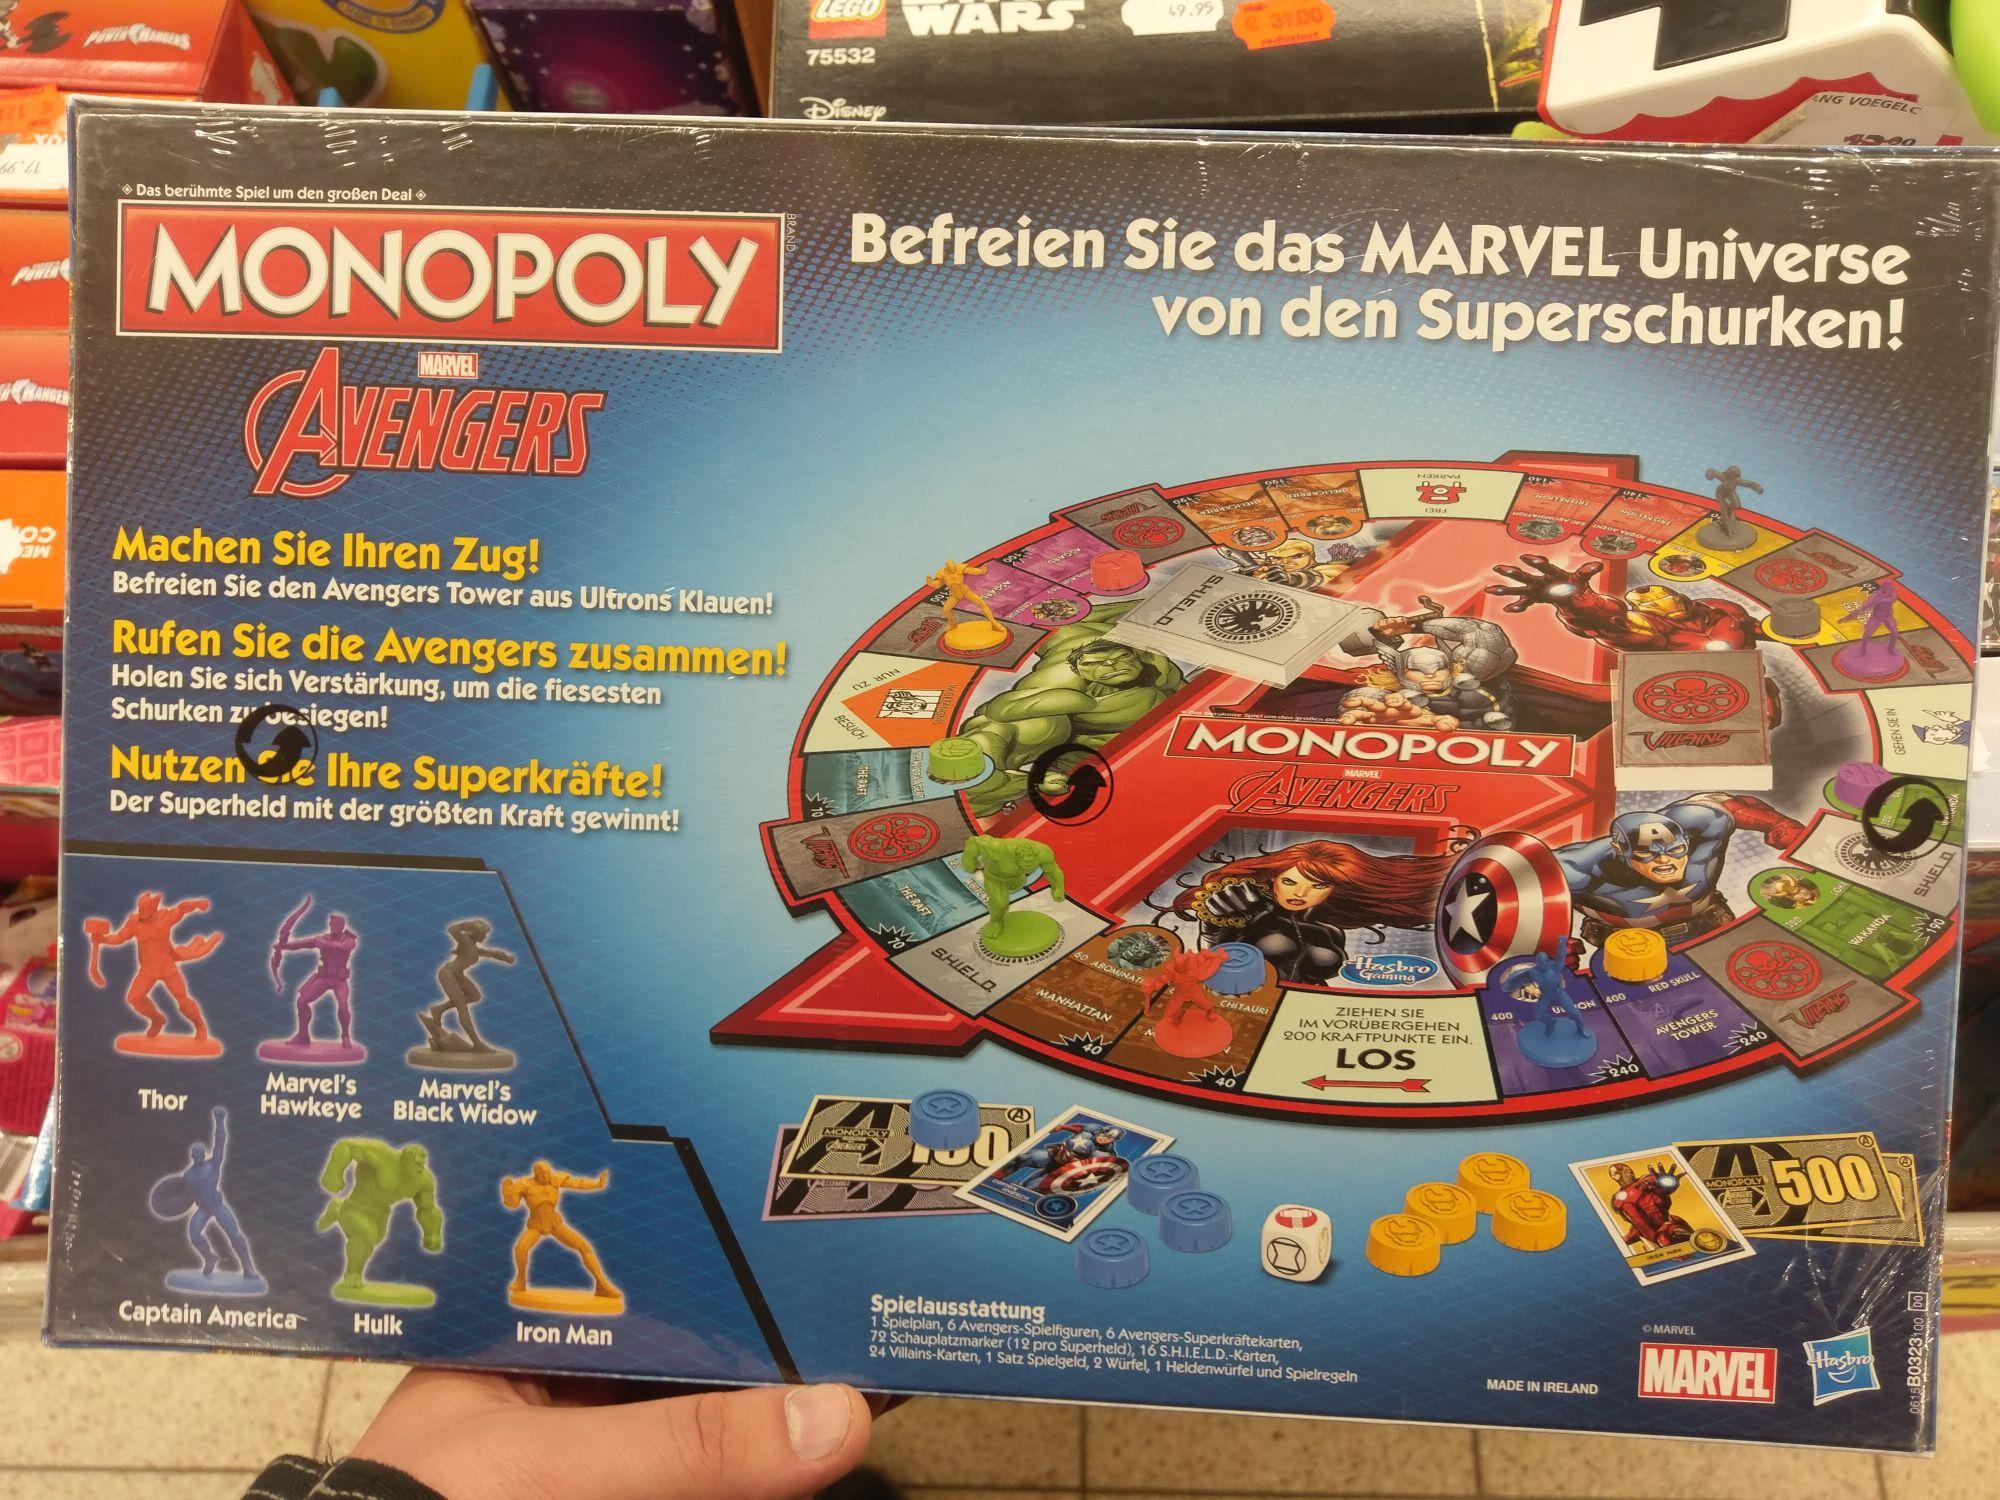 Marvel Avengers Monopoly Brettspiel [Lokal, Rastatt]